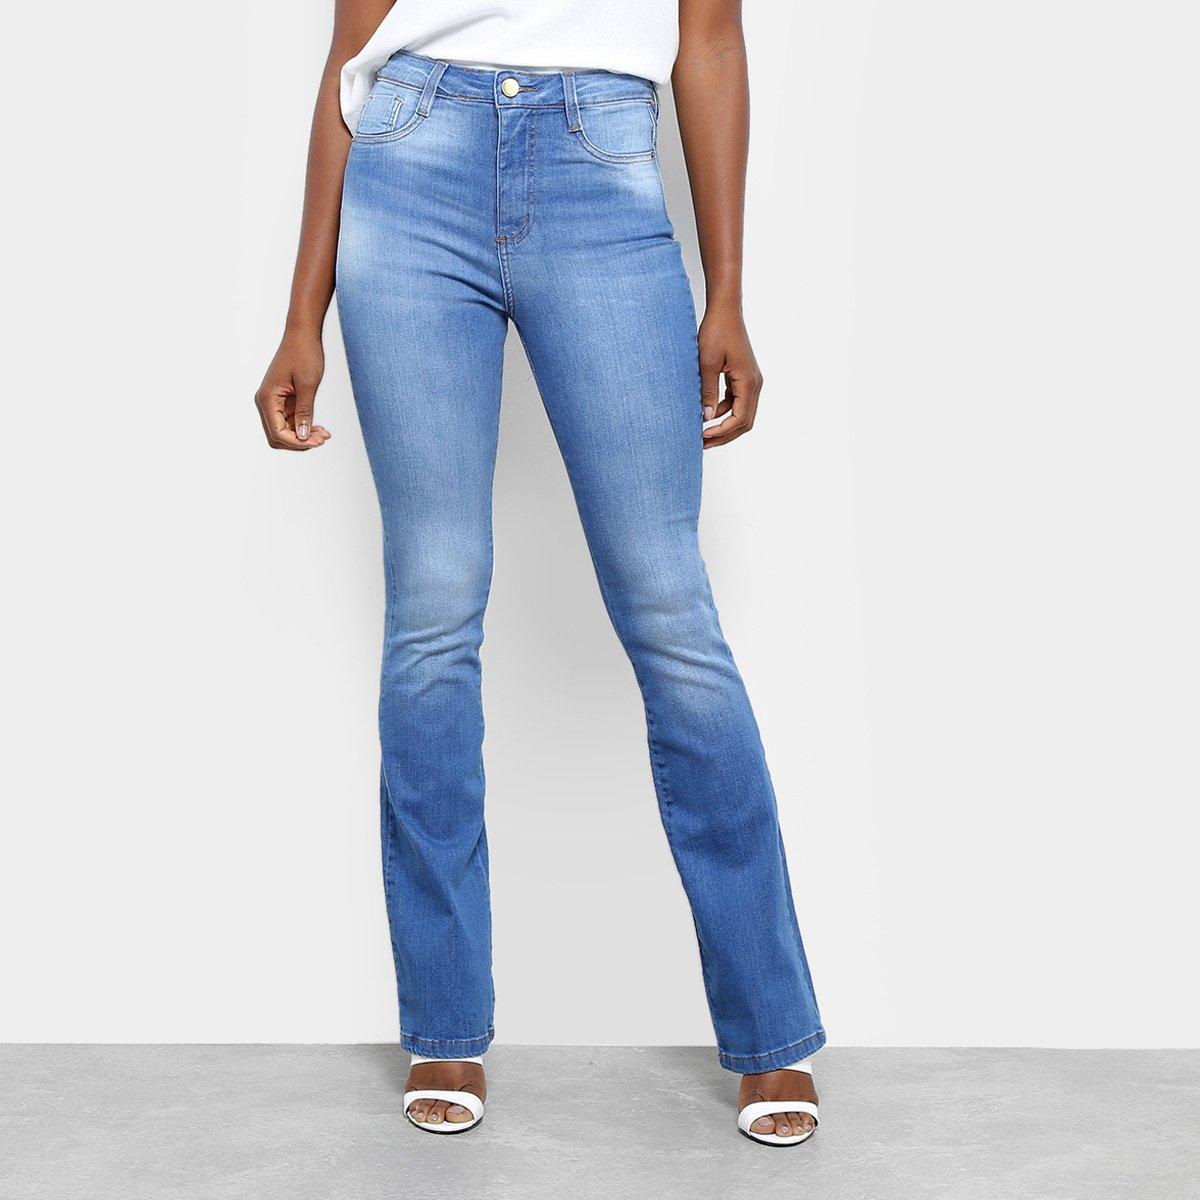 ad827d201 Calça Jeans Flare Sawary Estonada Cintura Alta Super Lipo Feminina